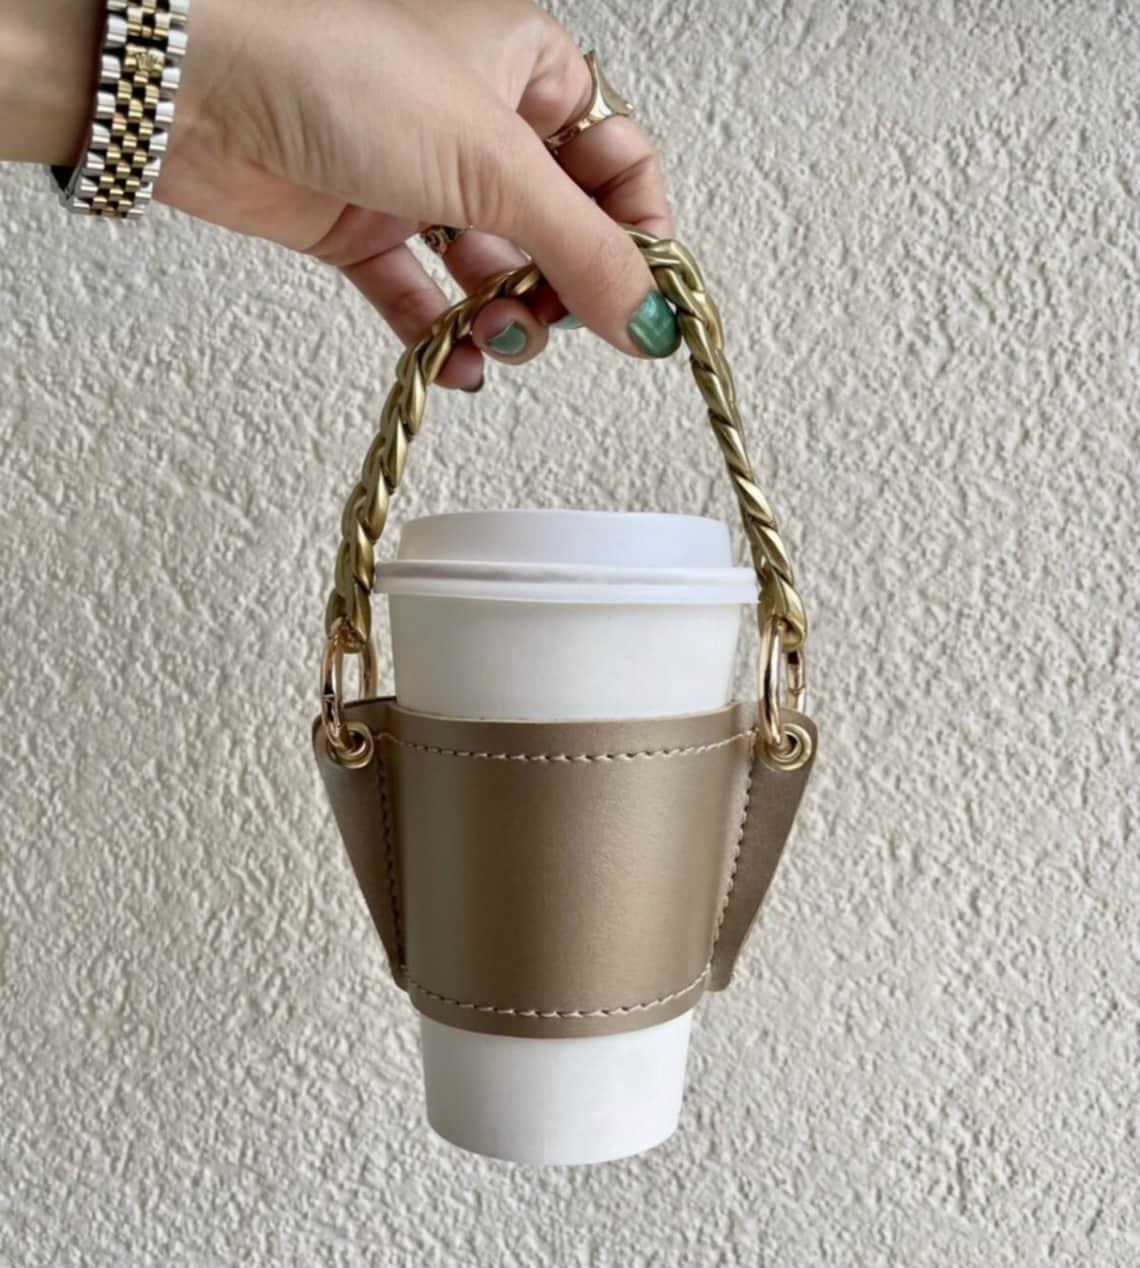 Porte-tasse à café en cuir fait à la main / Porte-tasse à café image 7